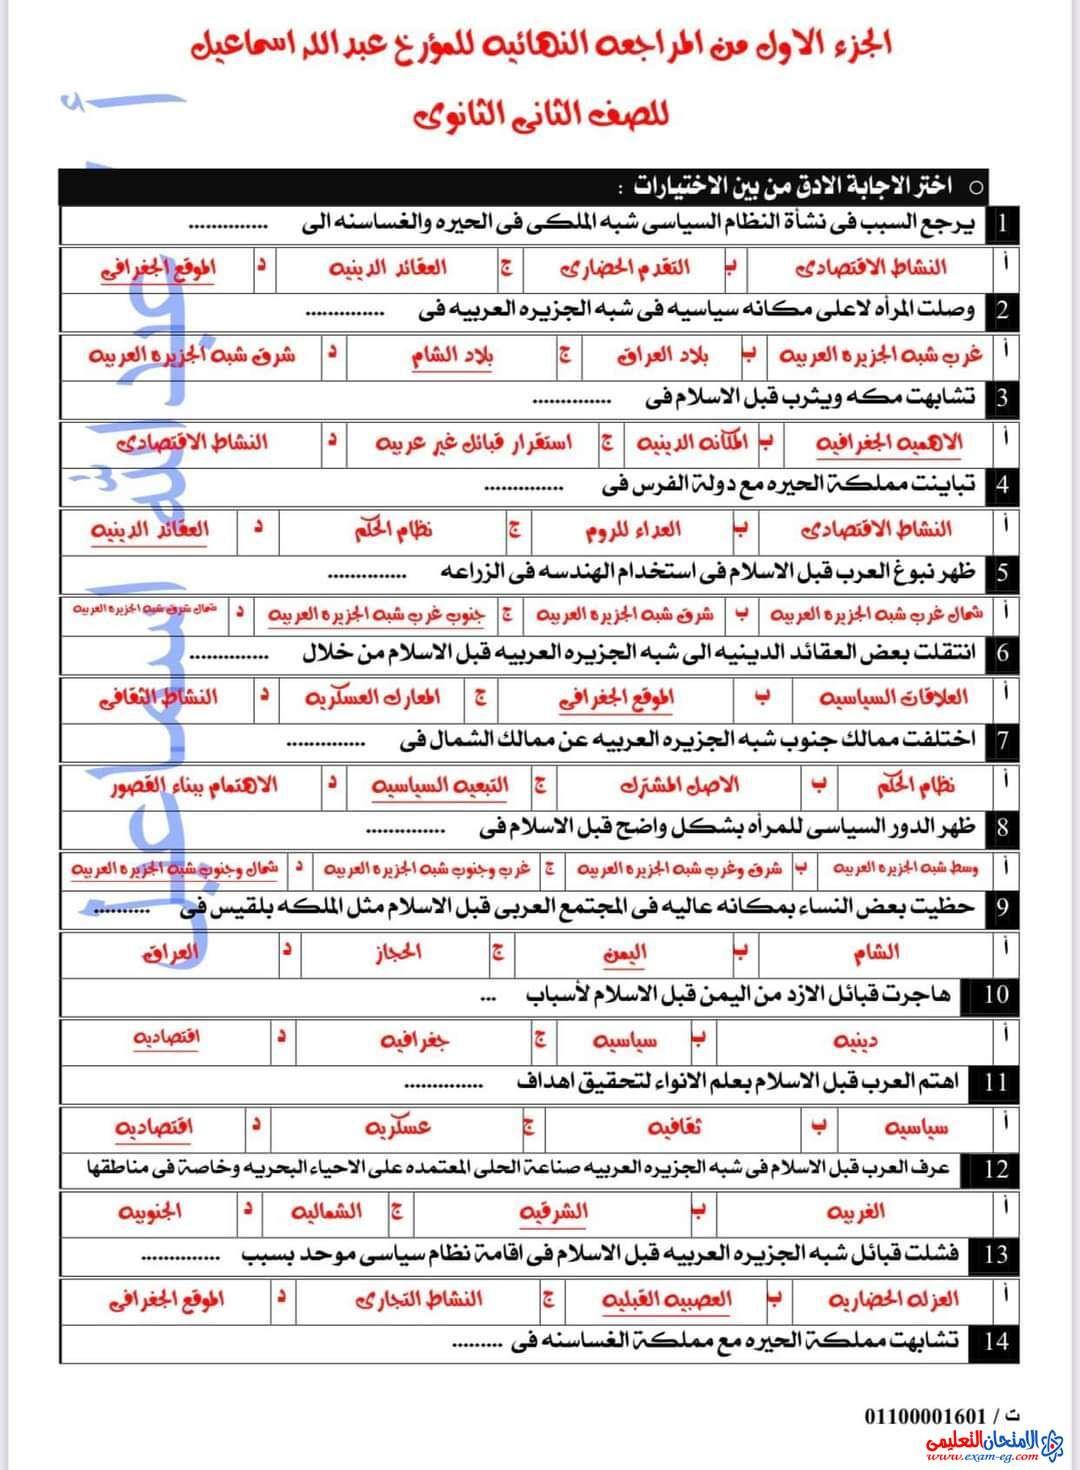 100 سؤال تاريخ لتانية ثانوي نظام تابلت جديد الإجابات Exam